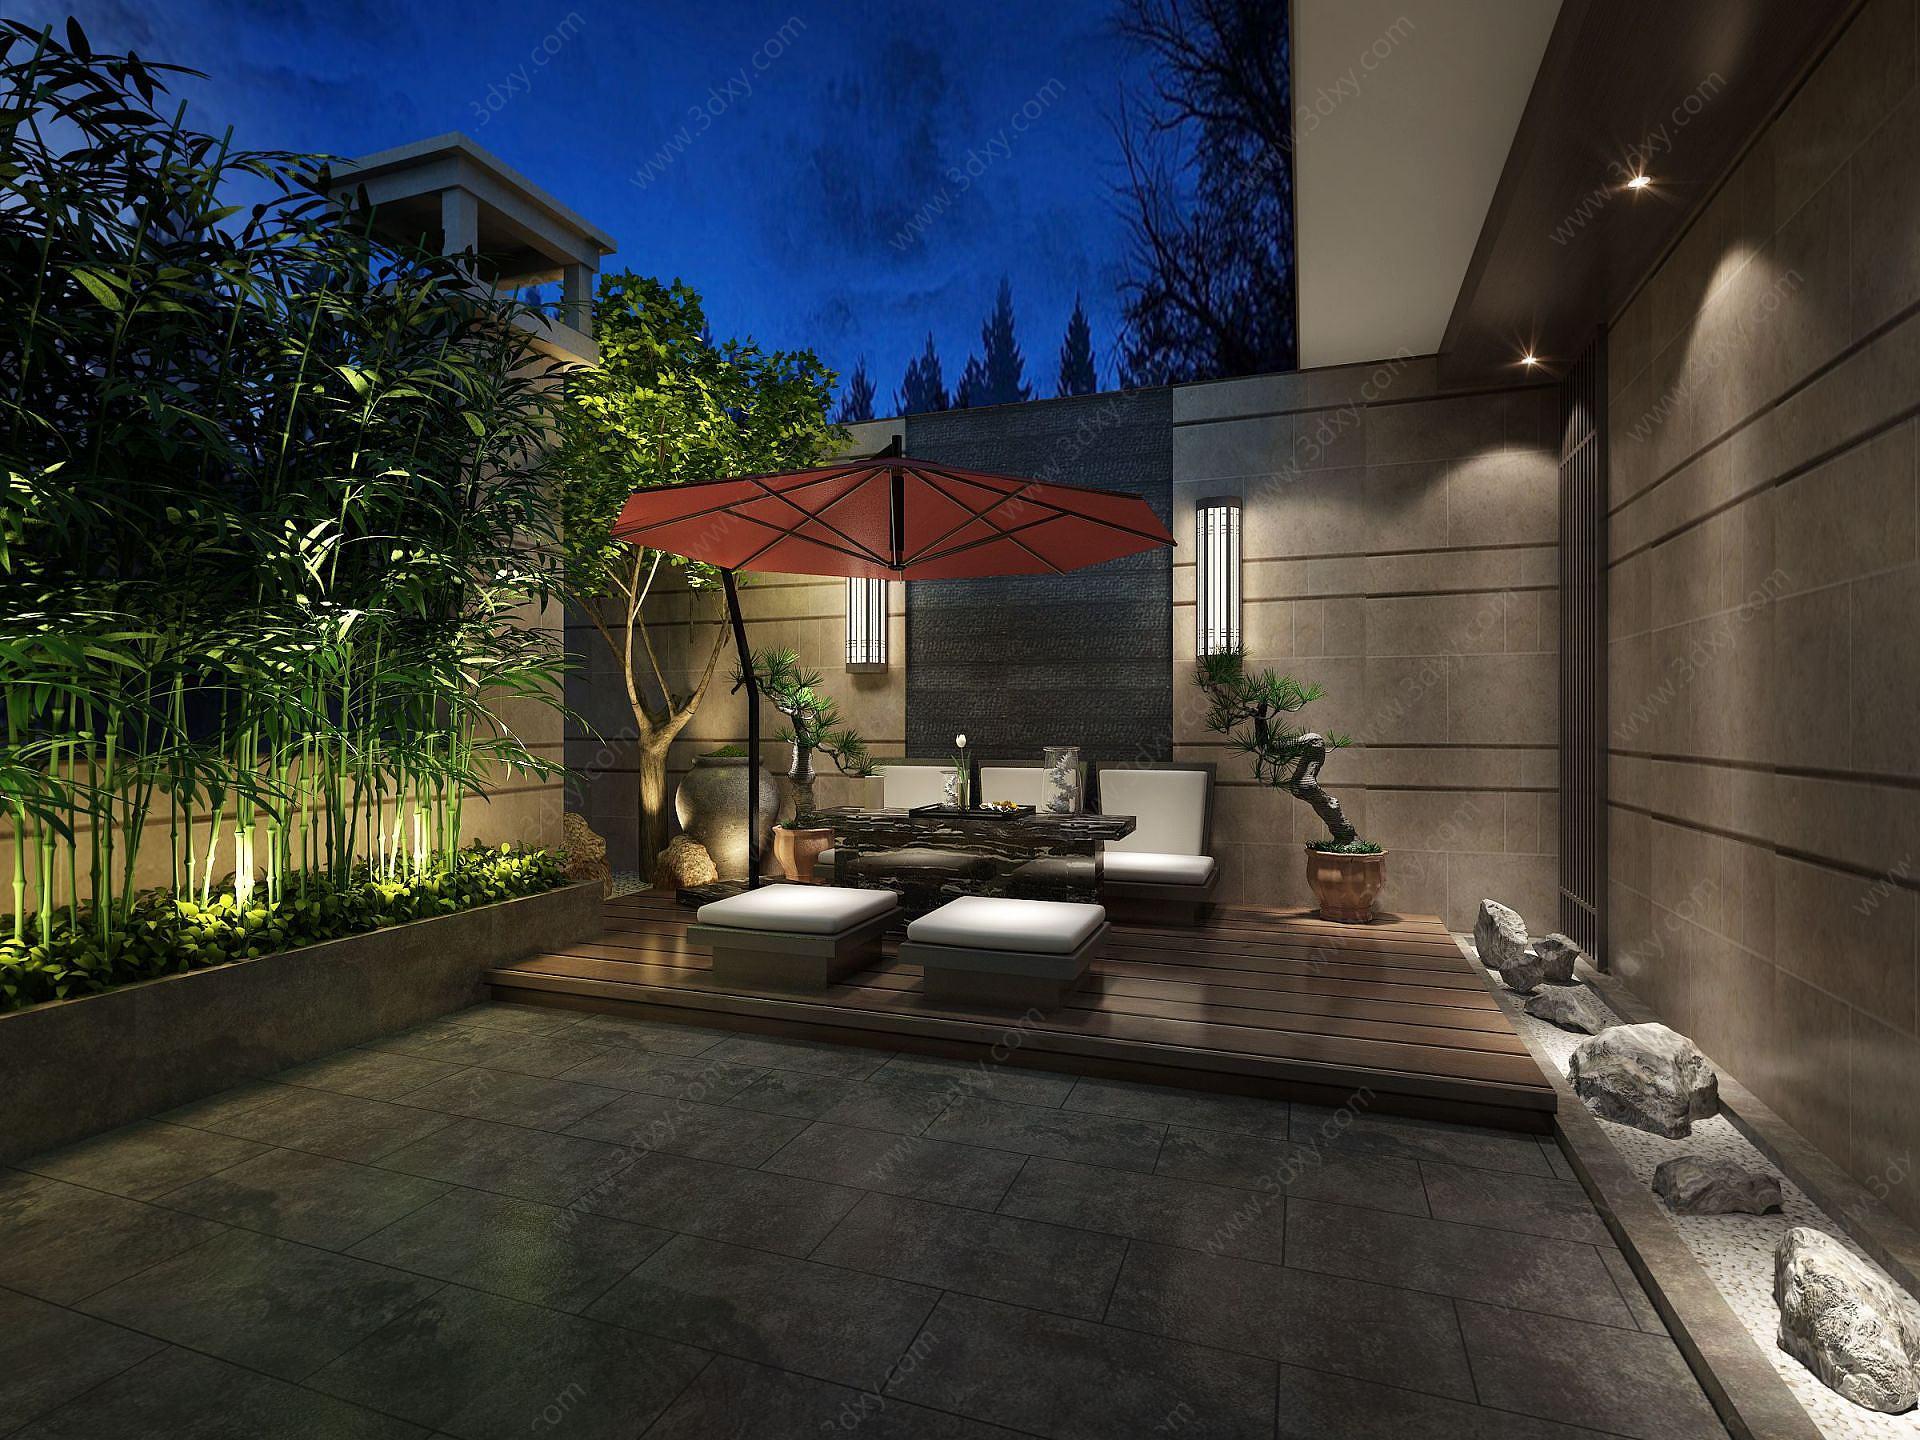 別墅戶外綠植庭院茶室